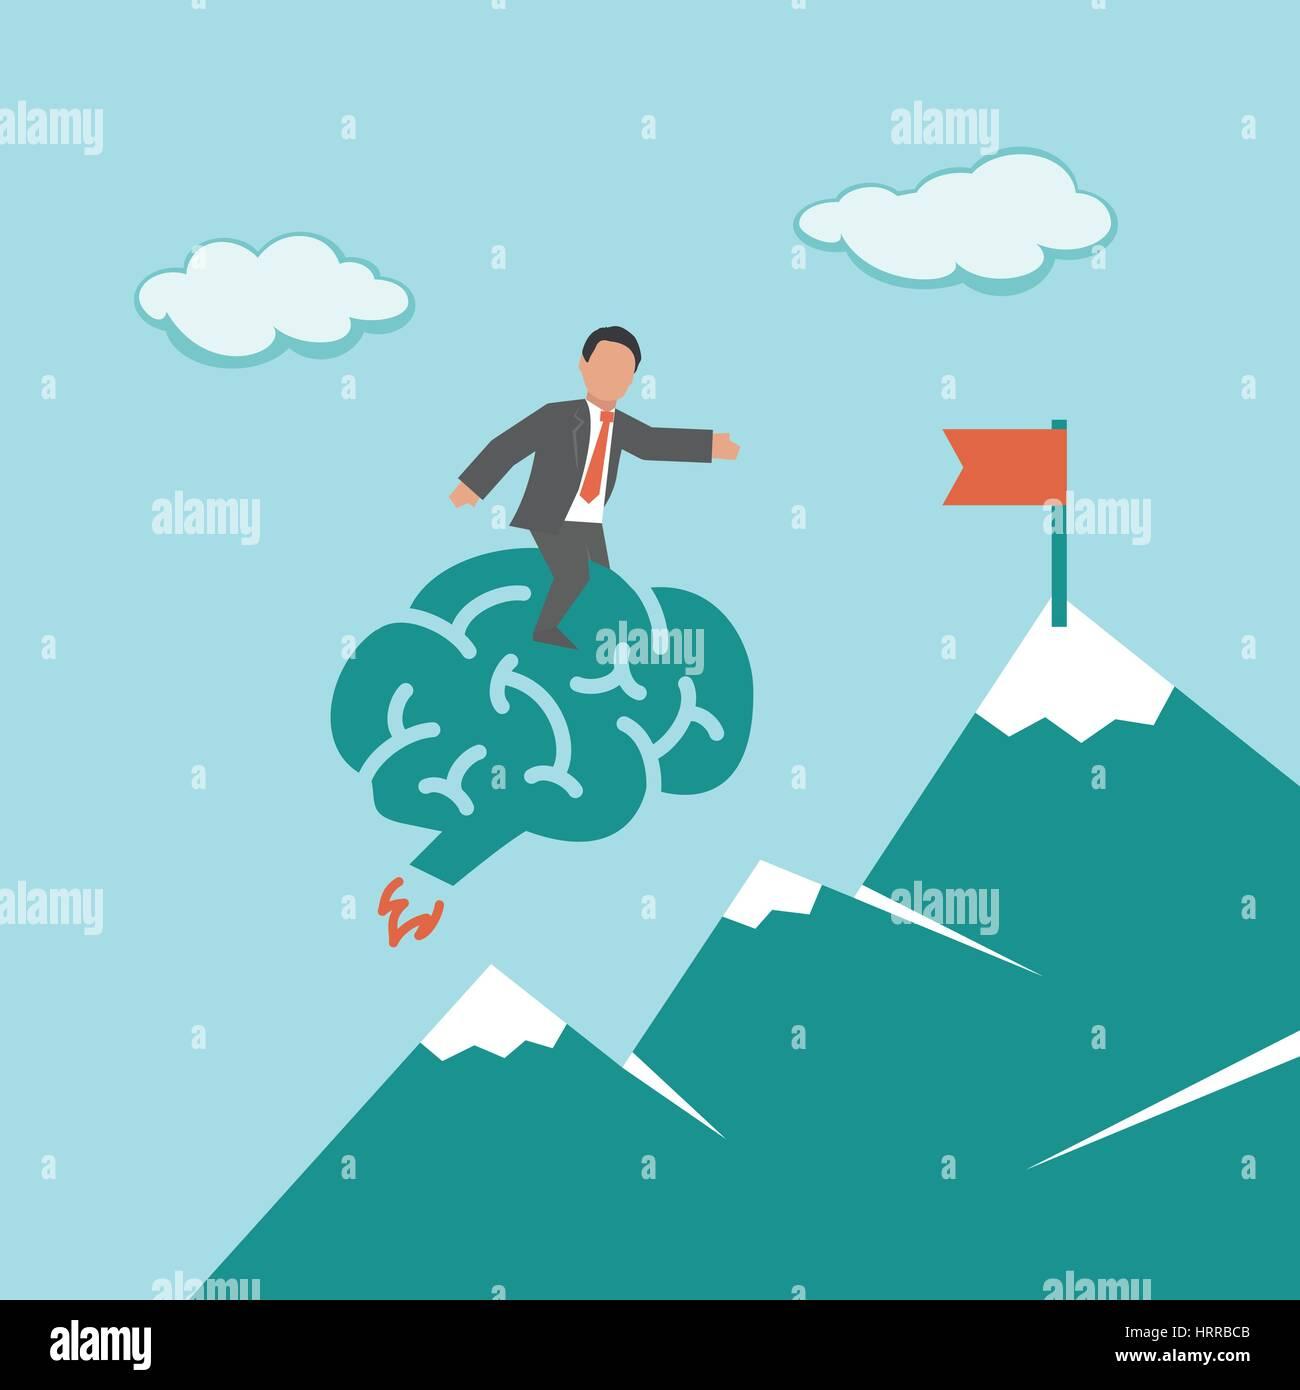 Una solución inteligente. Concepto de ilustración de negocios Imagen De Stock